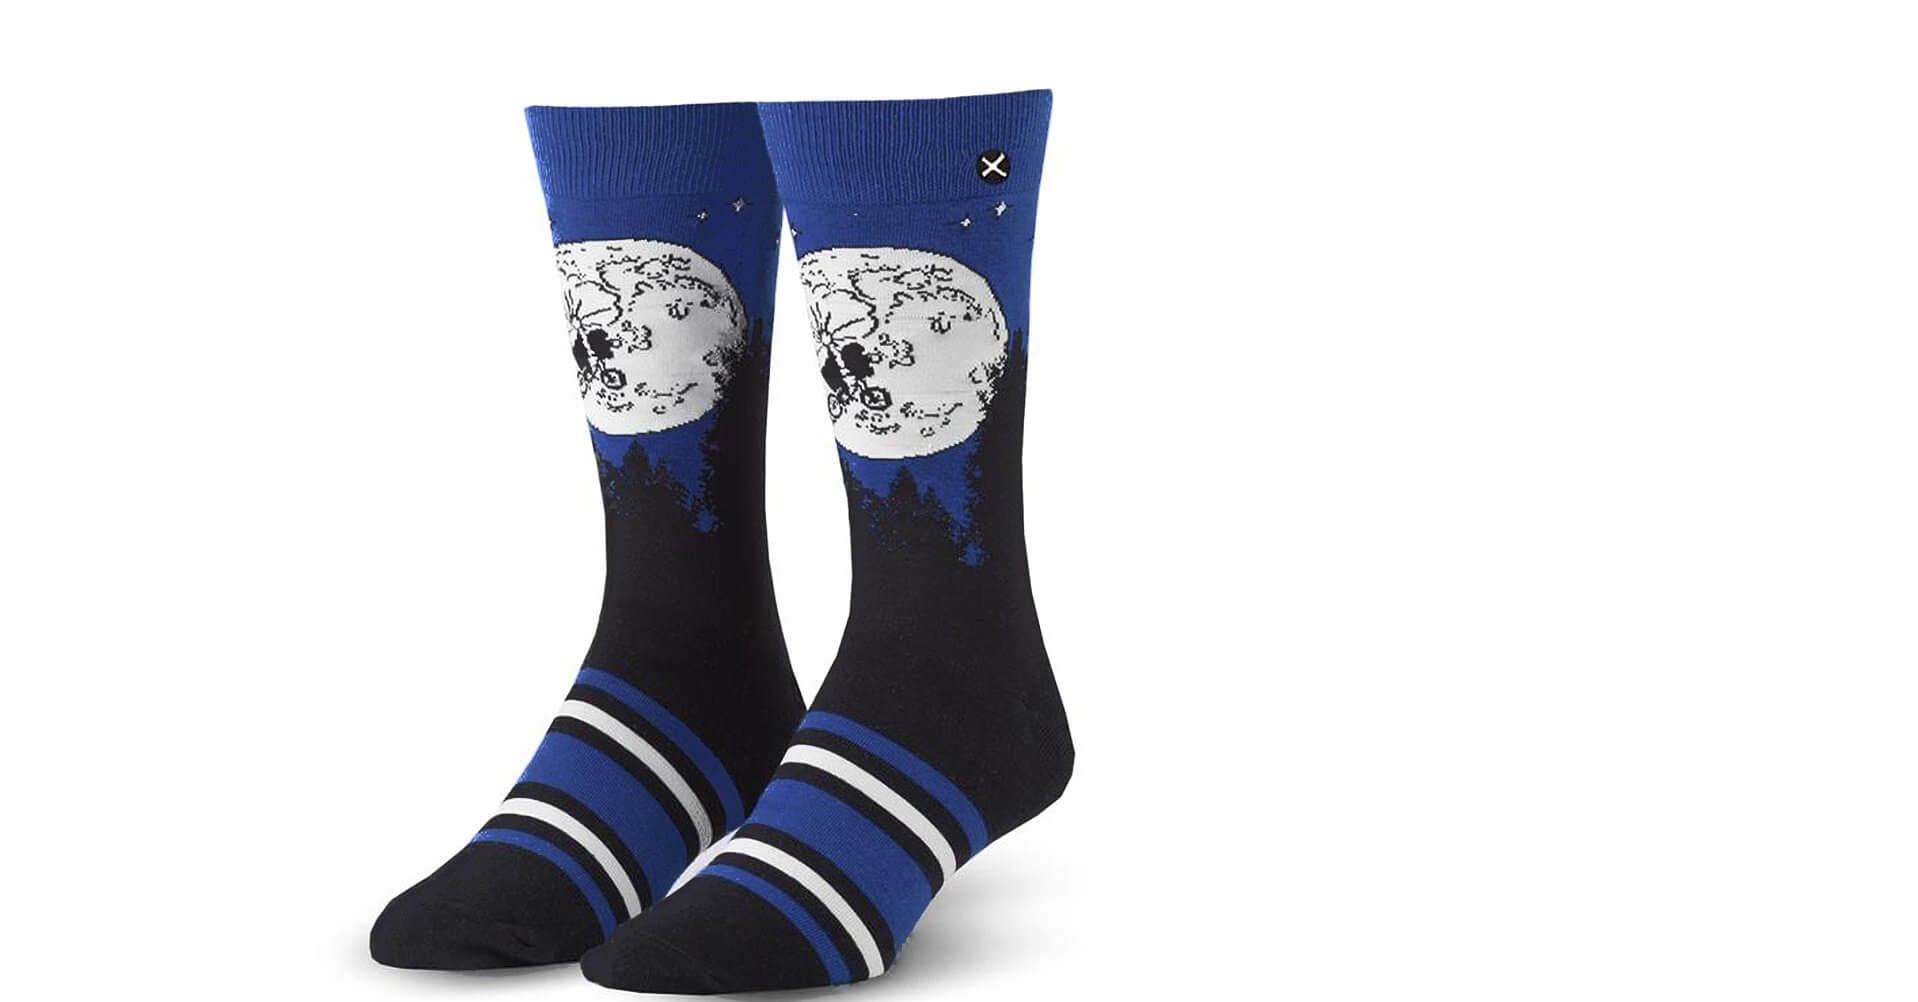 Odd Sox Men's E.T. Escape Socks Black qZopeXm